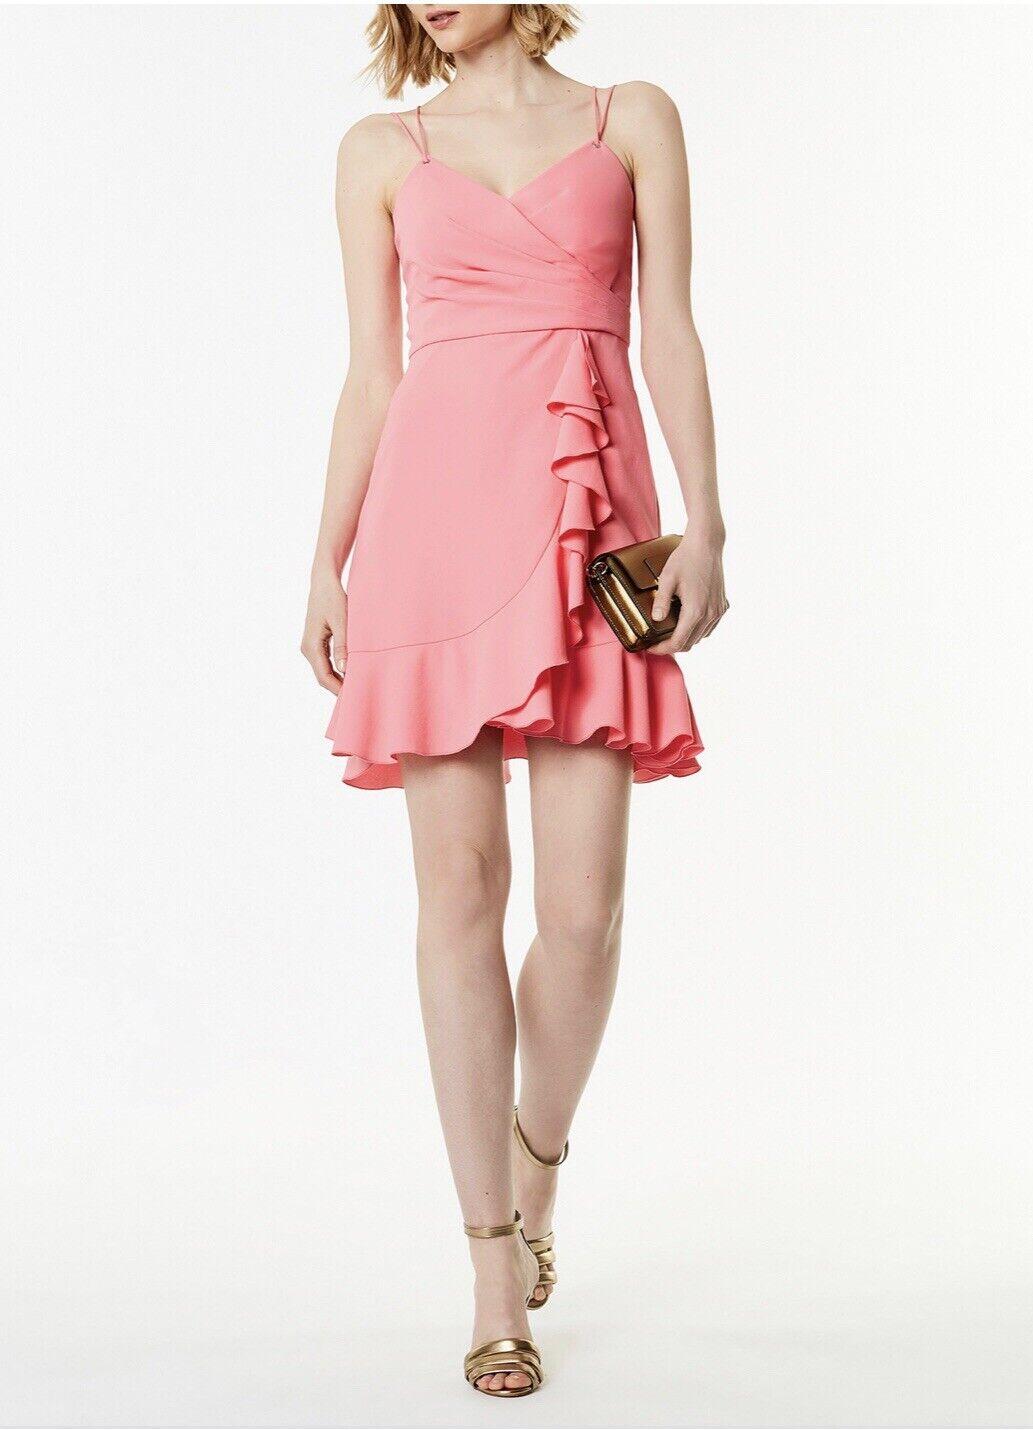 Karen Millen Pink Ruffled Deess Size 16